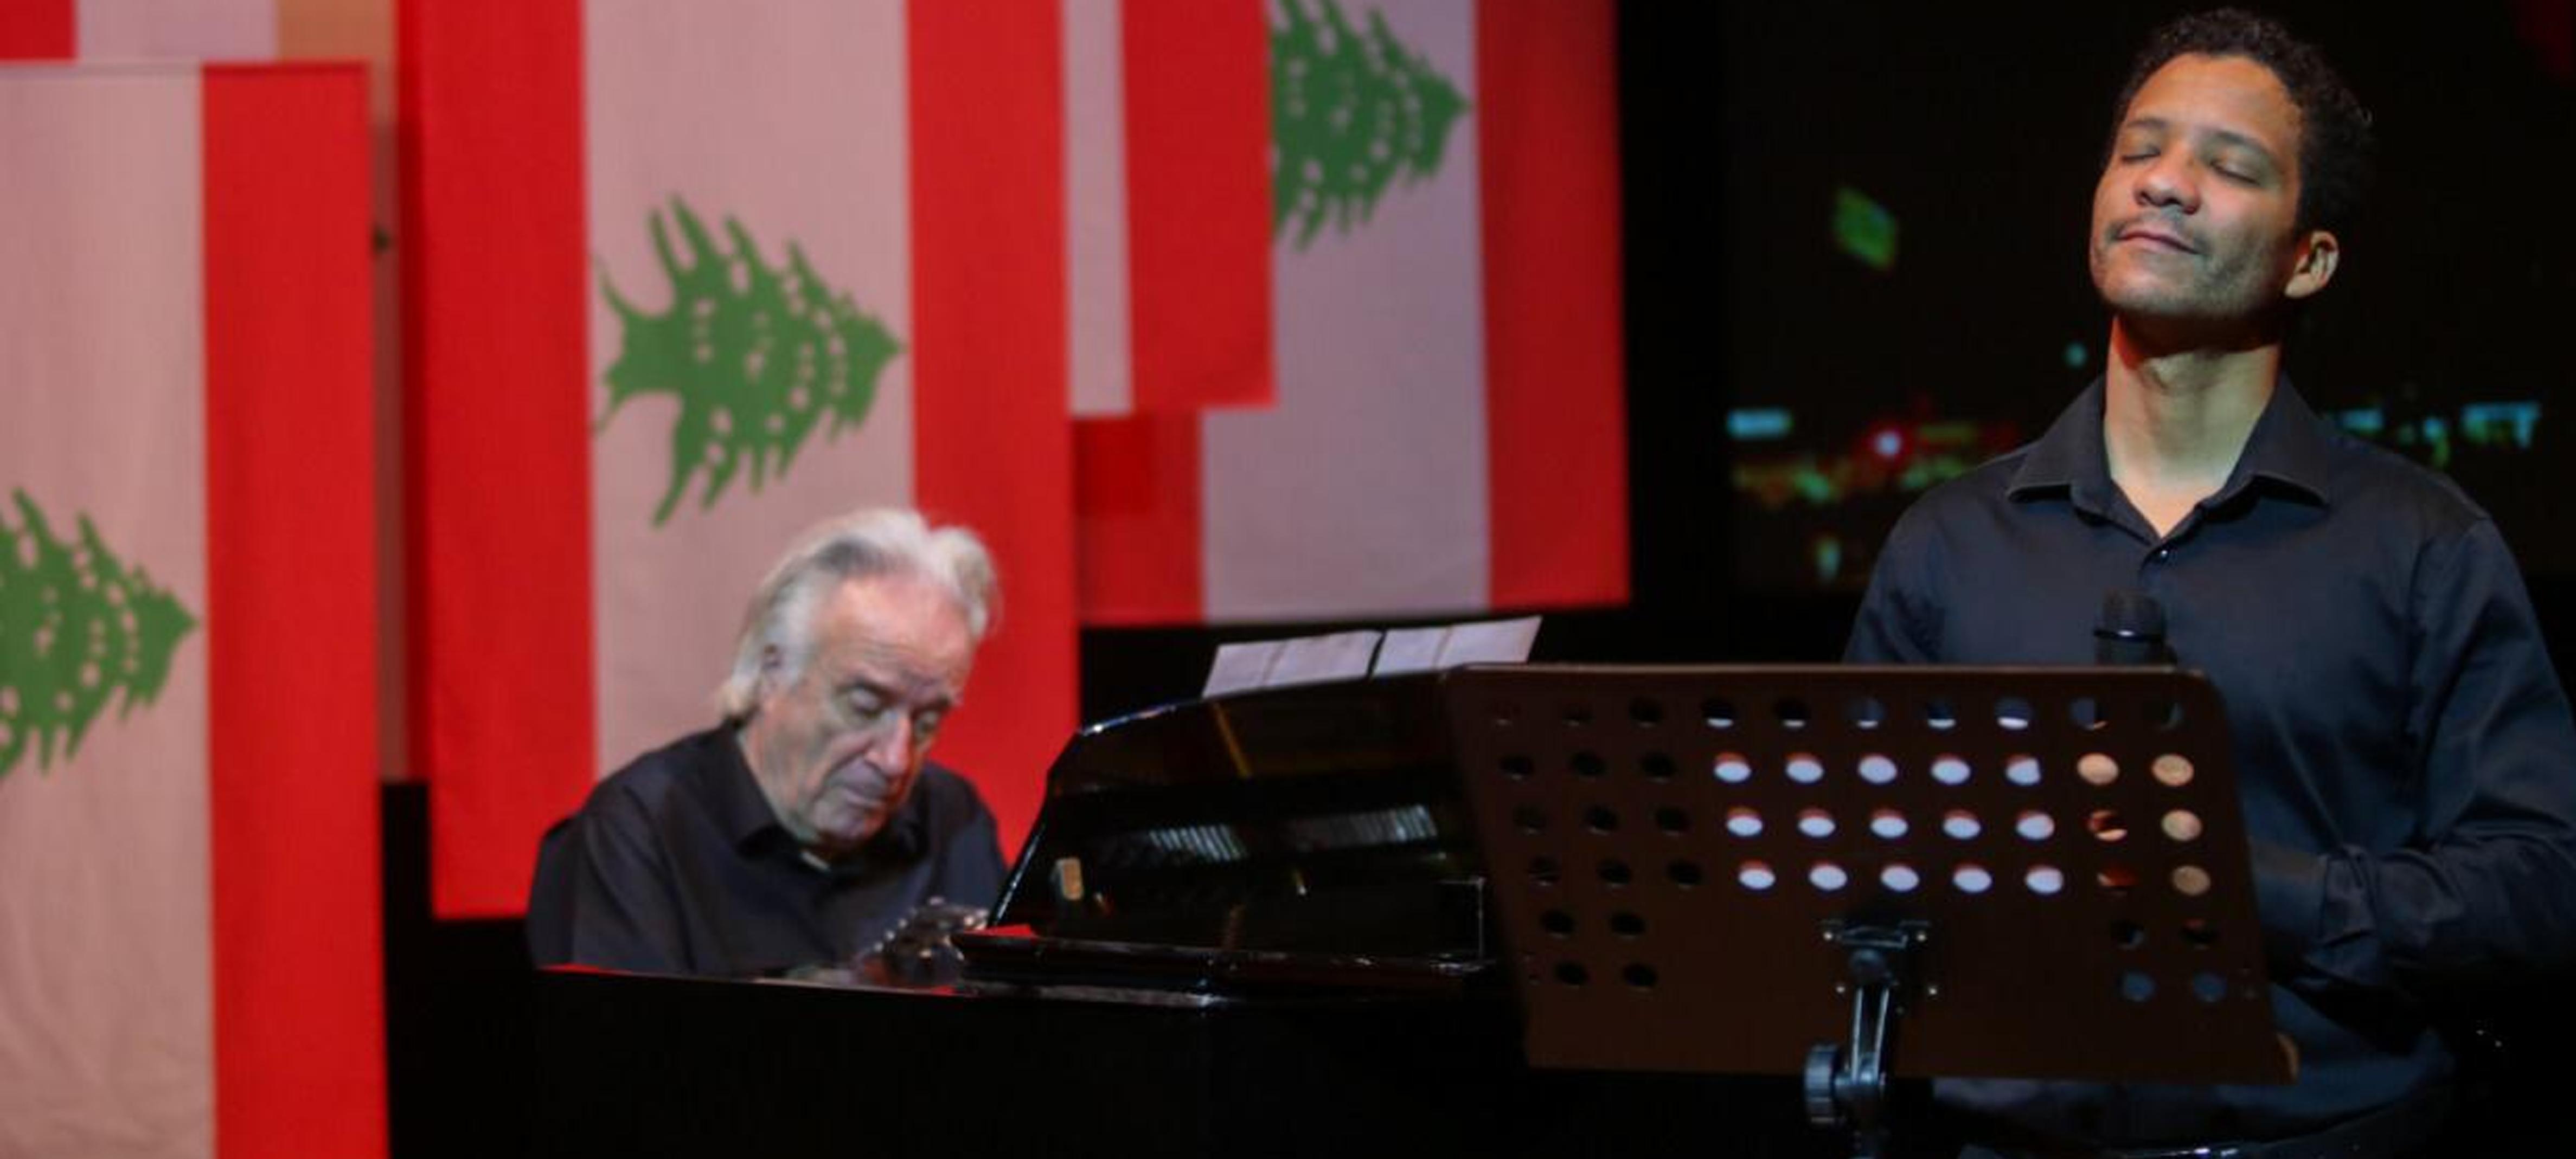 A indústria paulista, por meio do maestro João Carlos Martins e do tenor Jean William, presta homenagem à comunidade libanesa. Que nossa solidariedade e afeto cheguem até vocês